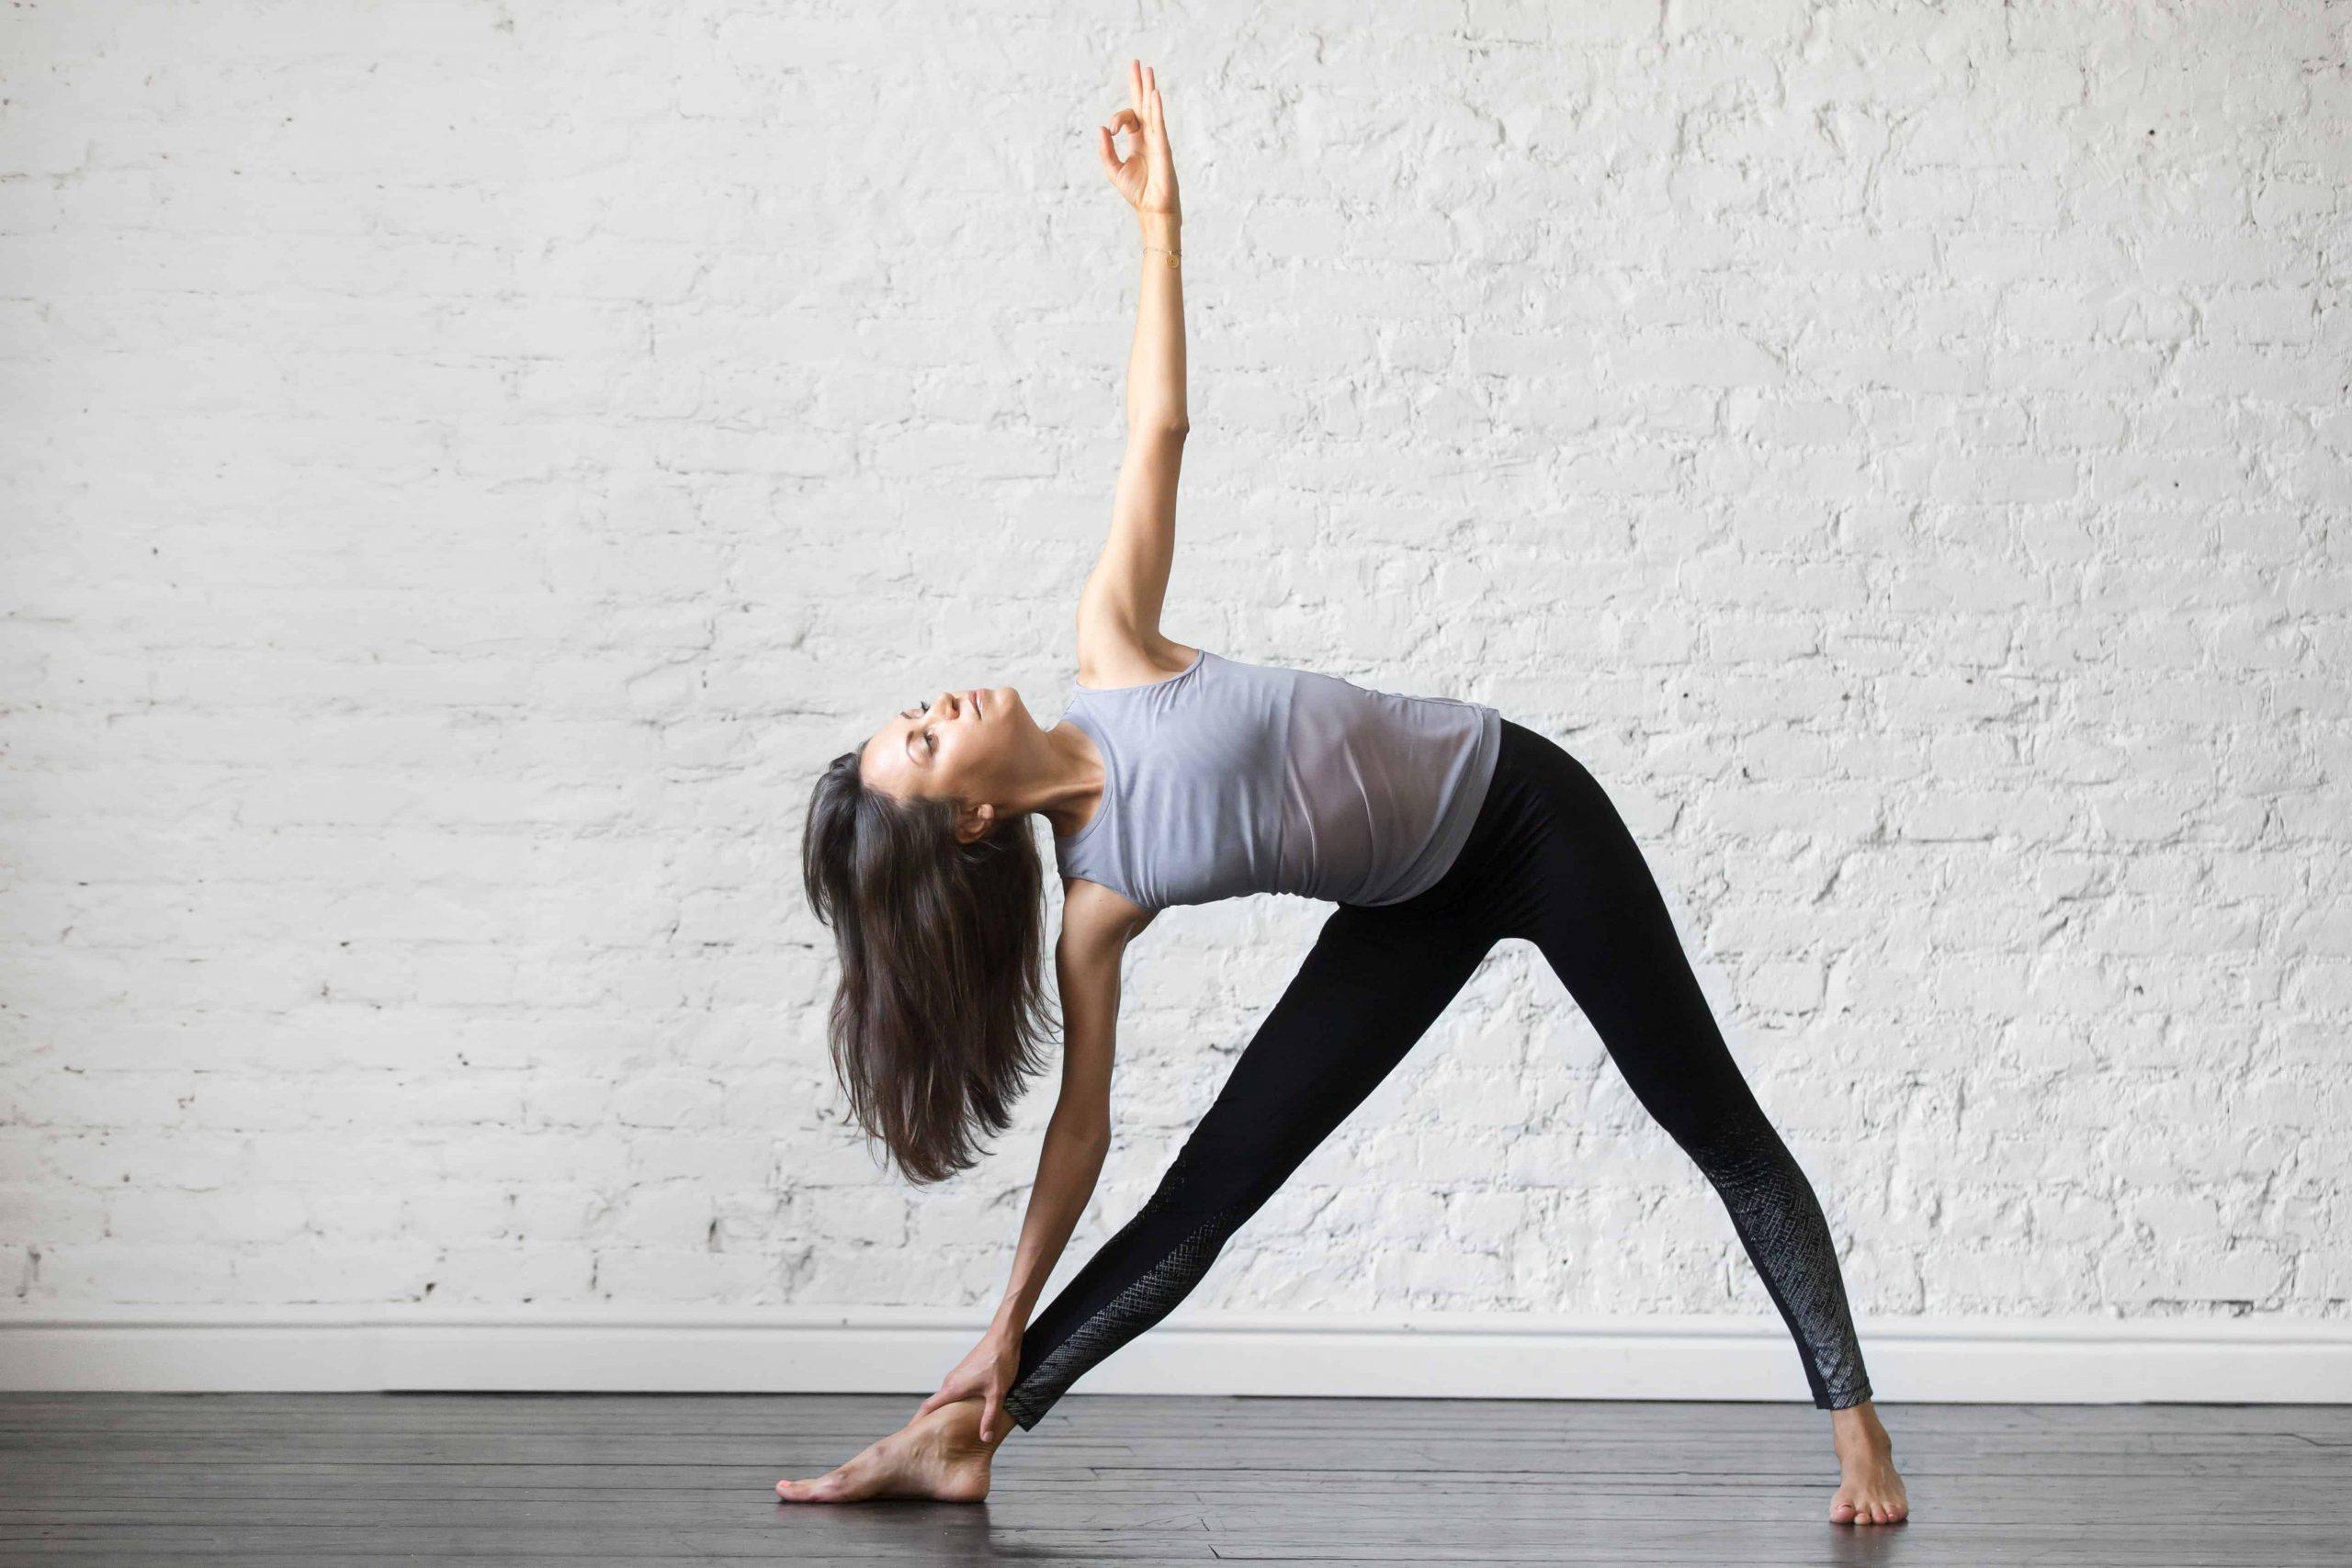 Yogahose: Test & Empfehlungen (06/20)